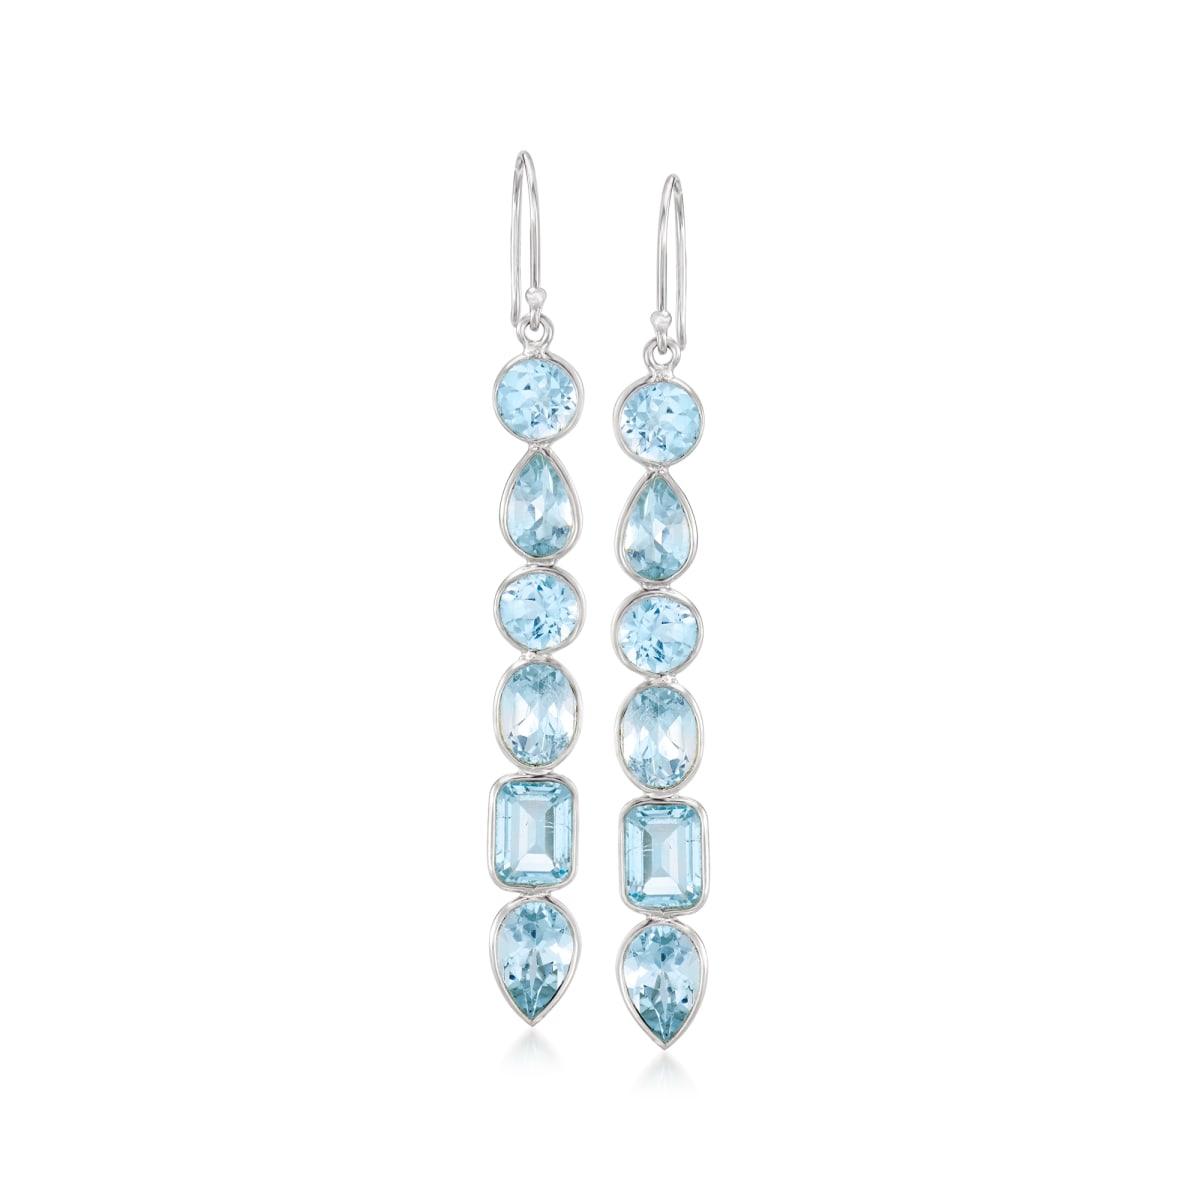 12.90 ct. t.w. Sky Blue Topaz Drop Earrings in Sterling Silver | Ross-Simons